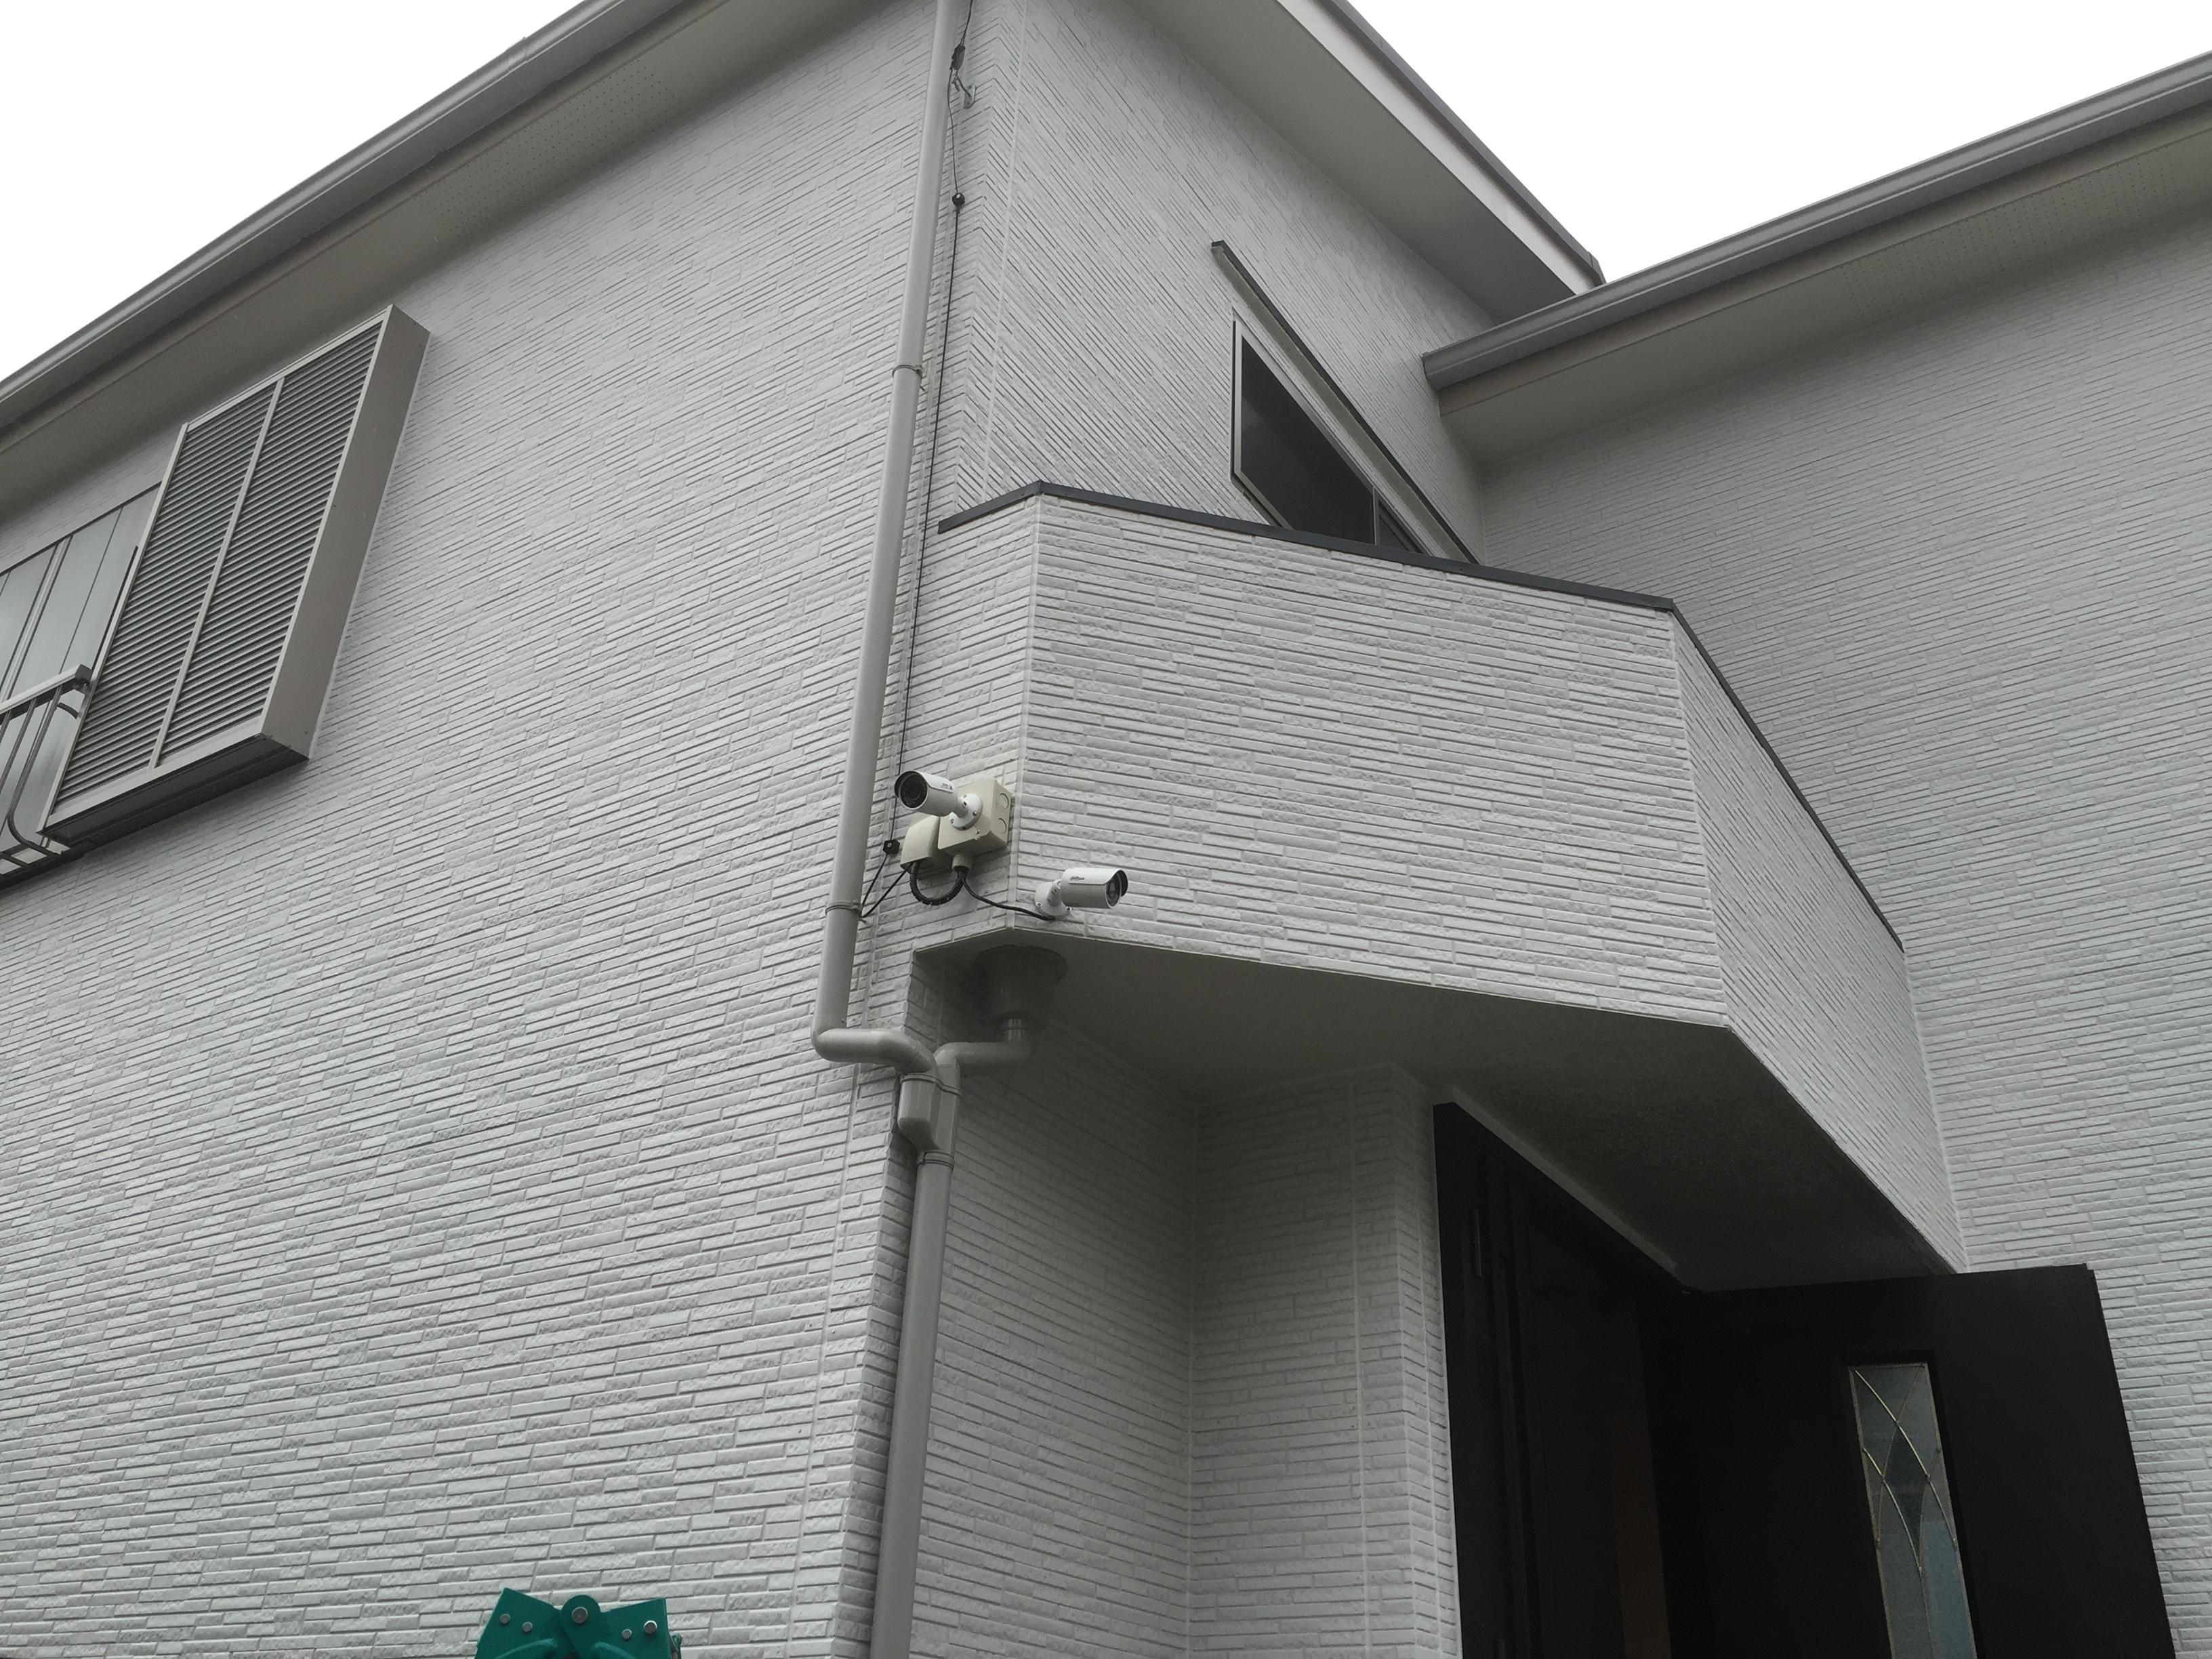 東京都 戸建住宅 防犯カメラ